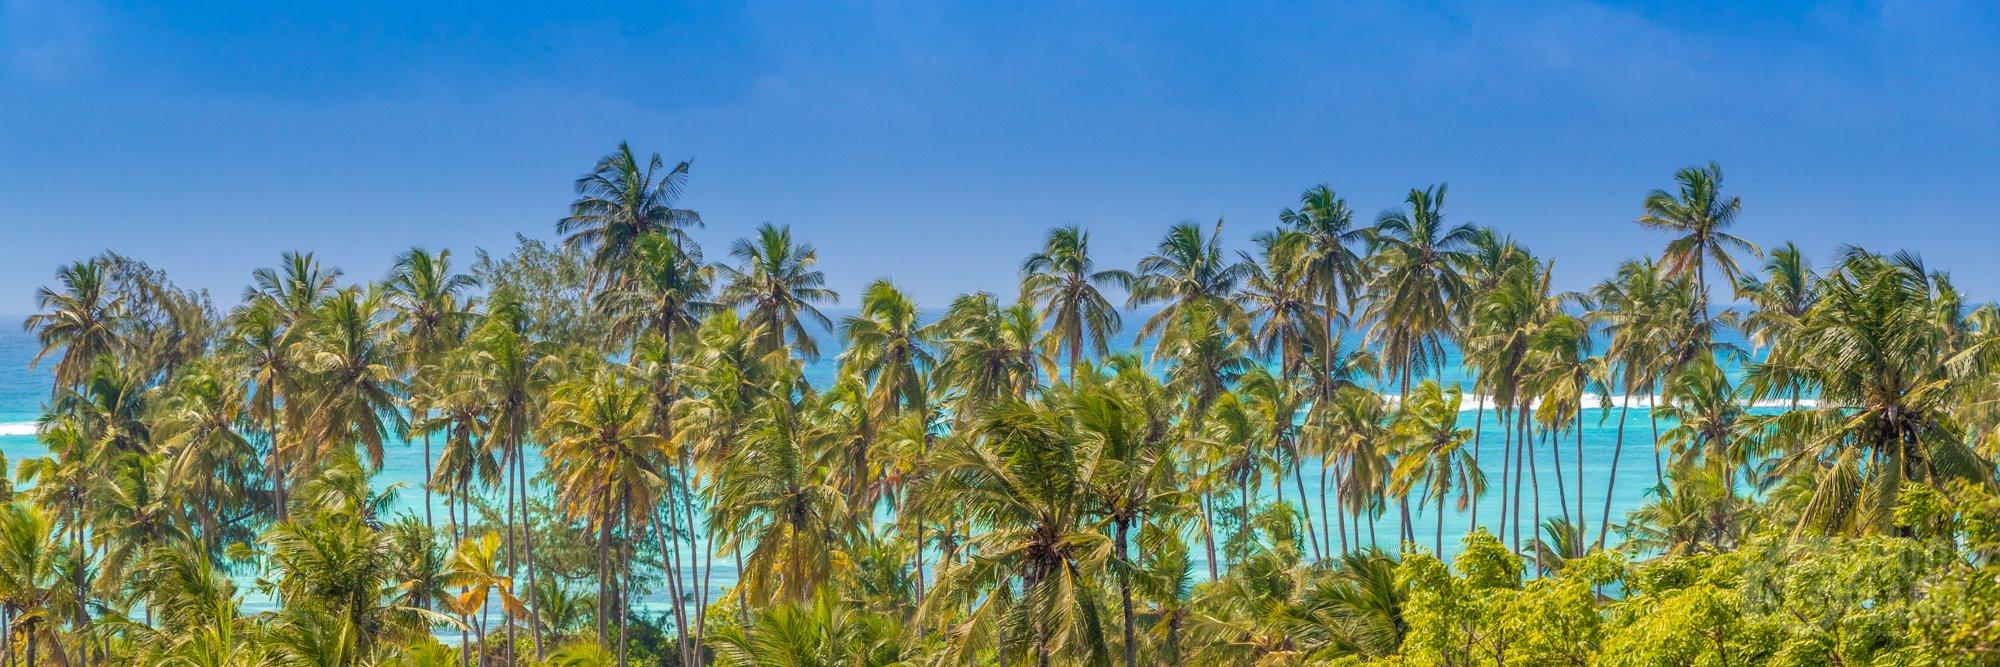 Matemwe beach coconut trees panorama Zanzibar Tanzania